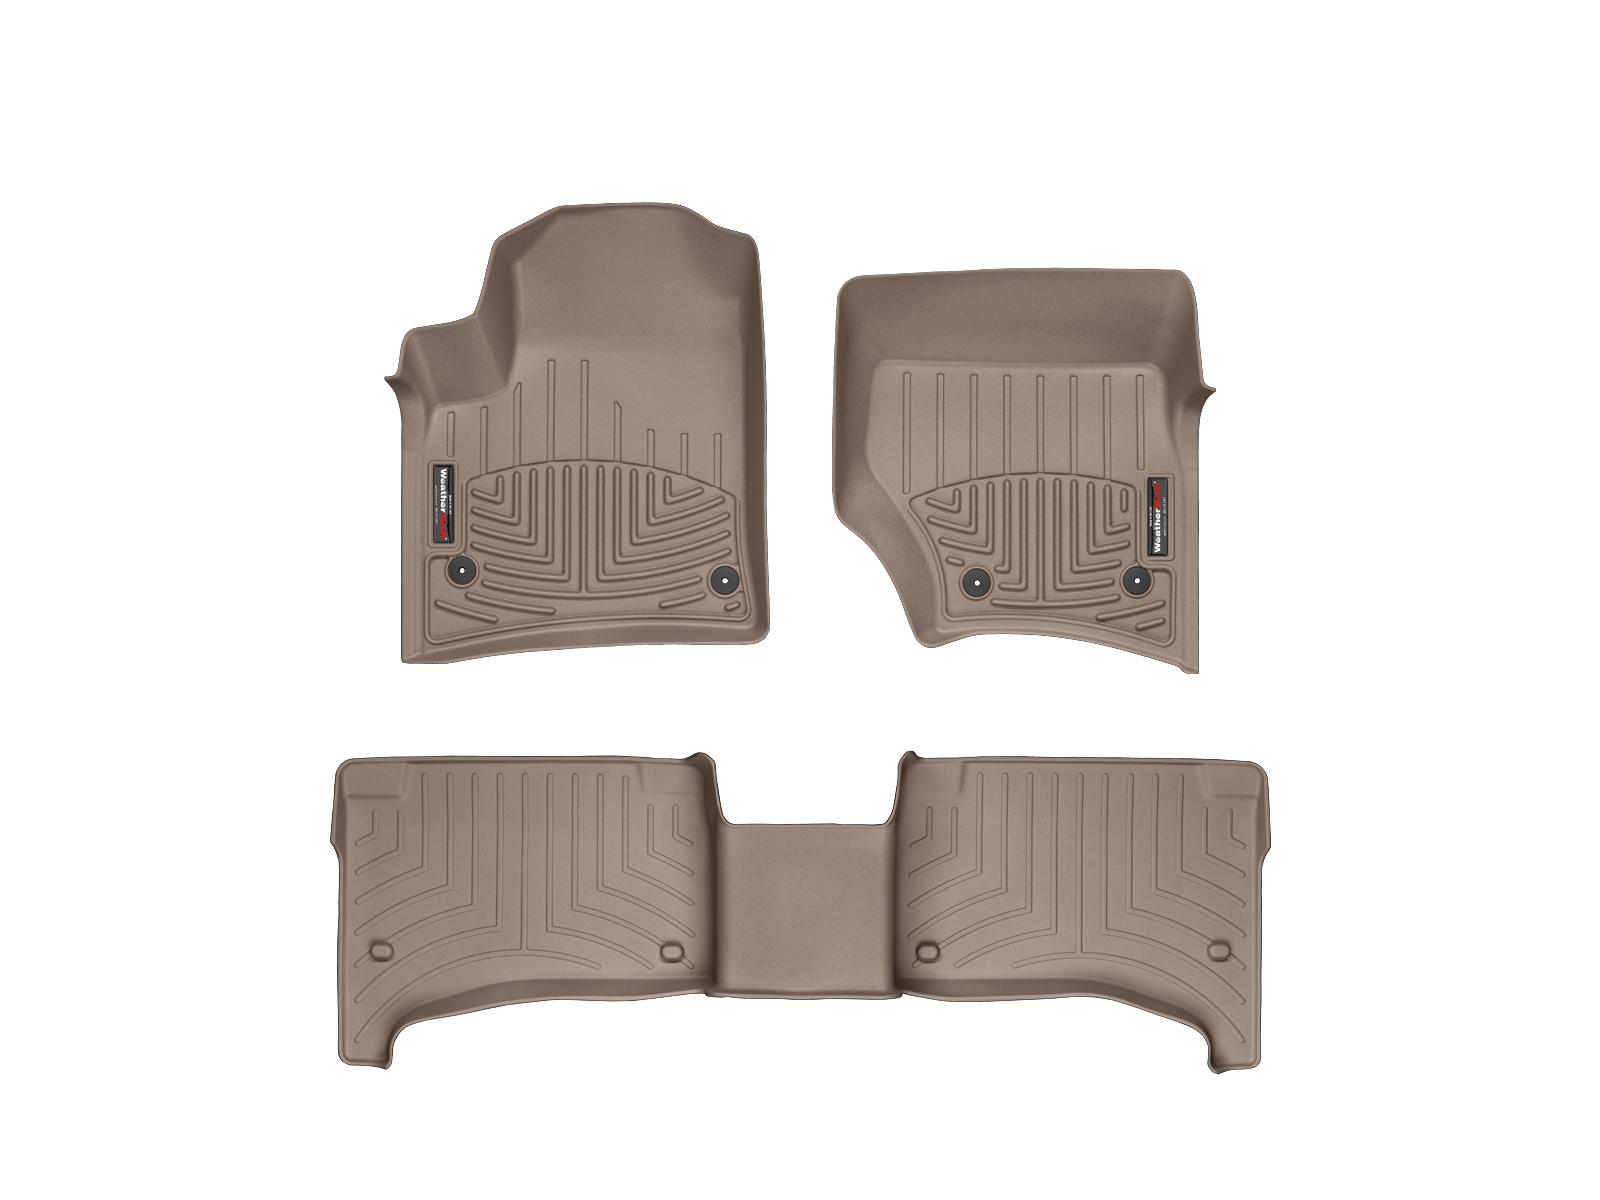 Tappeti gomma su misura bordo alto Volkswagen Touareg 09>09 Marrone A4305*